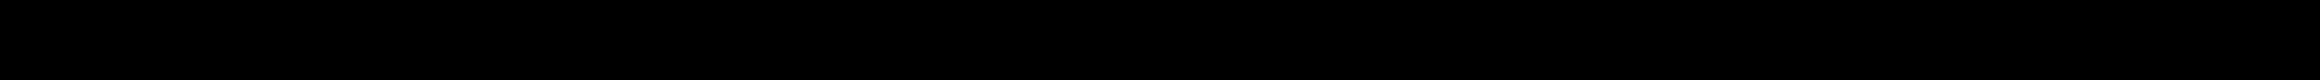 DENSO ZJ98000-2000, 92070-1145, 92070-1159, J4520U27ETR, 09482-00410 Bujía de encendido